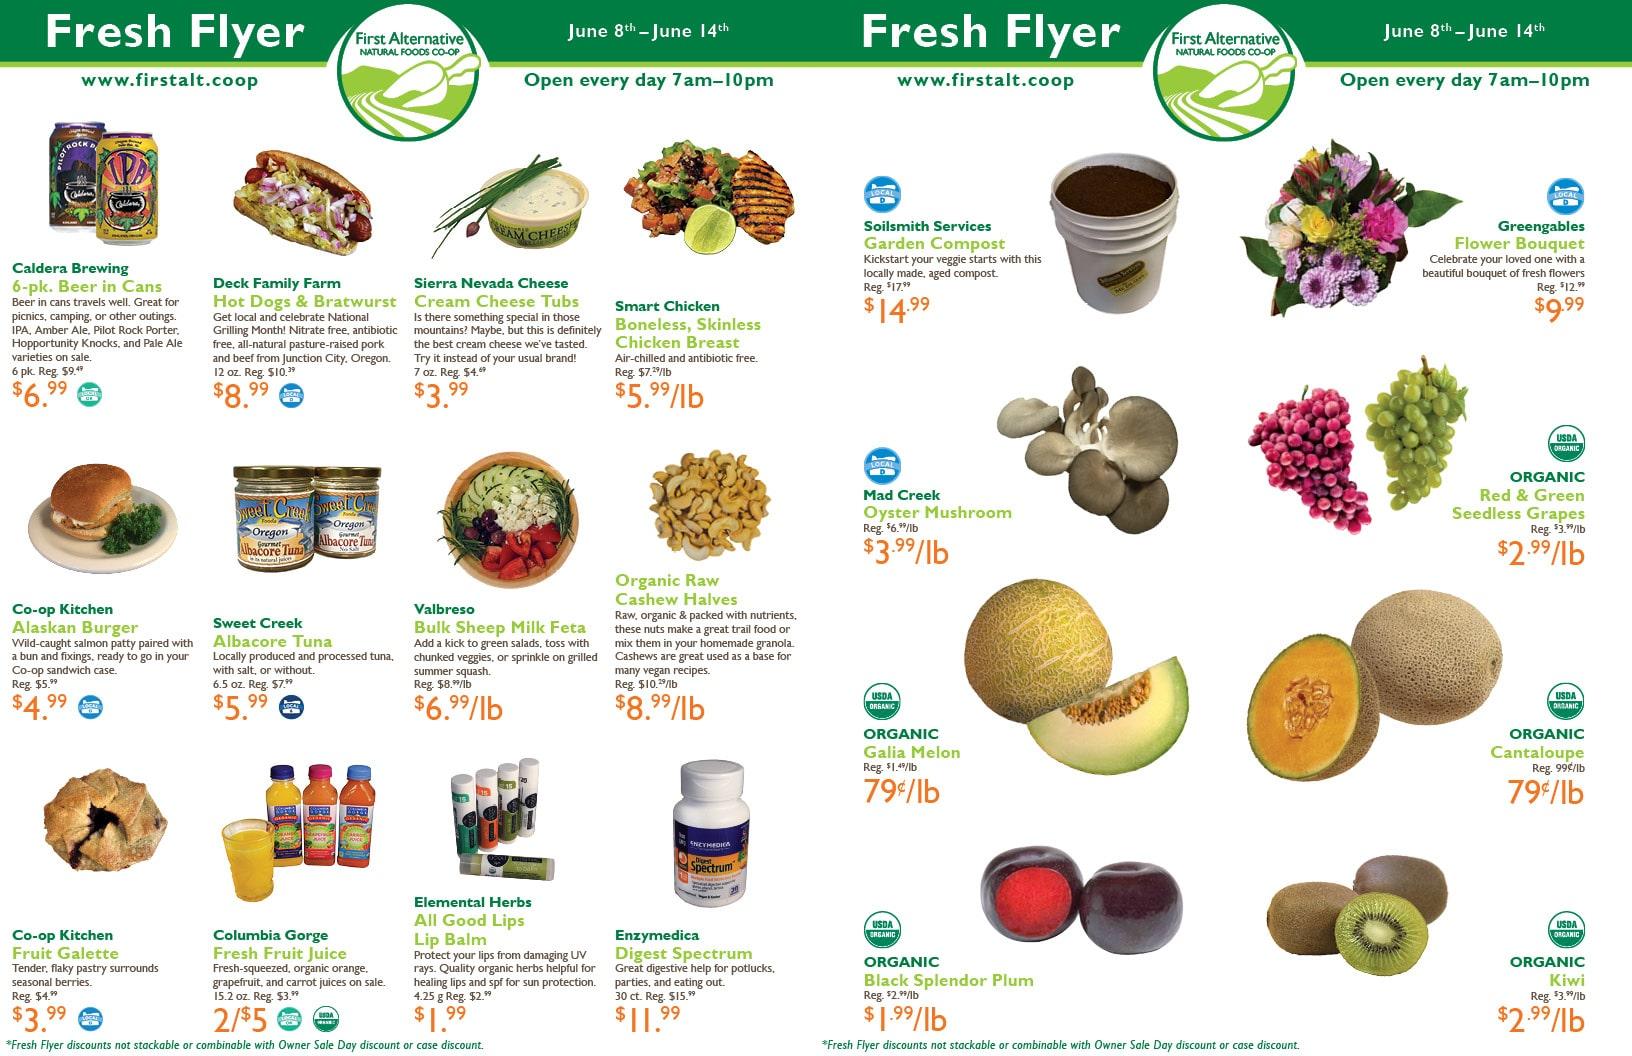 First Alternative Co-op Fresh Flyer June 8-14